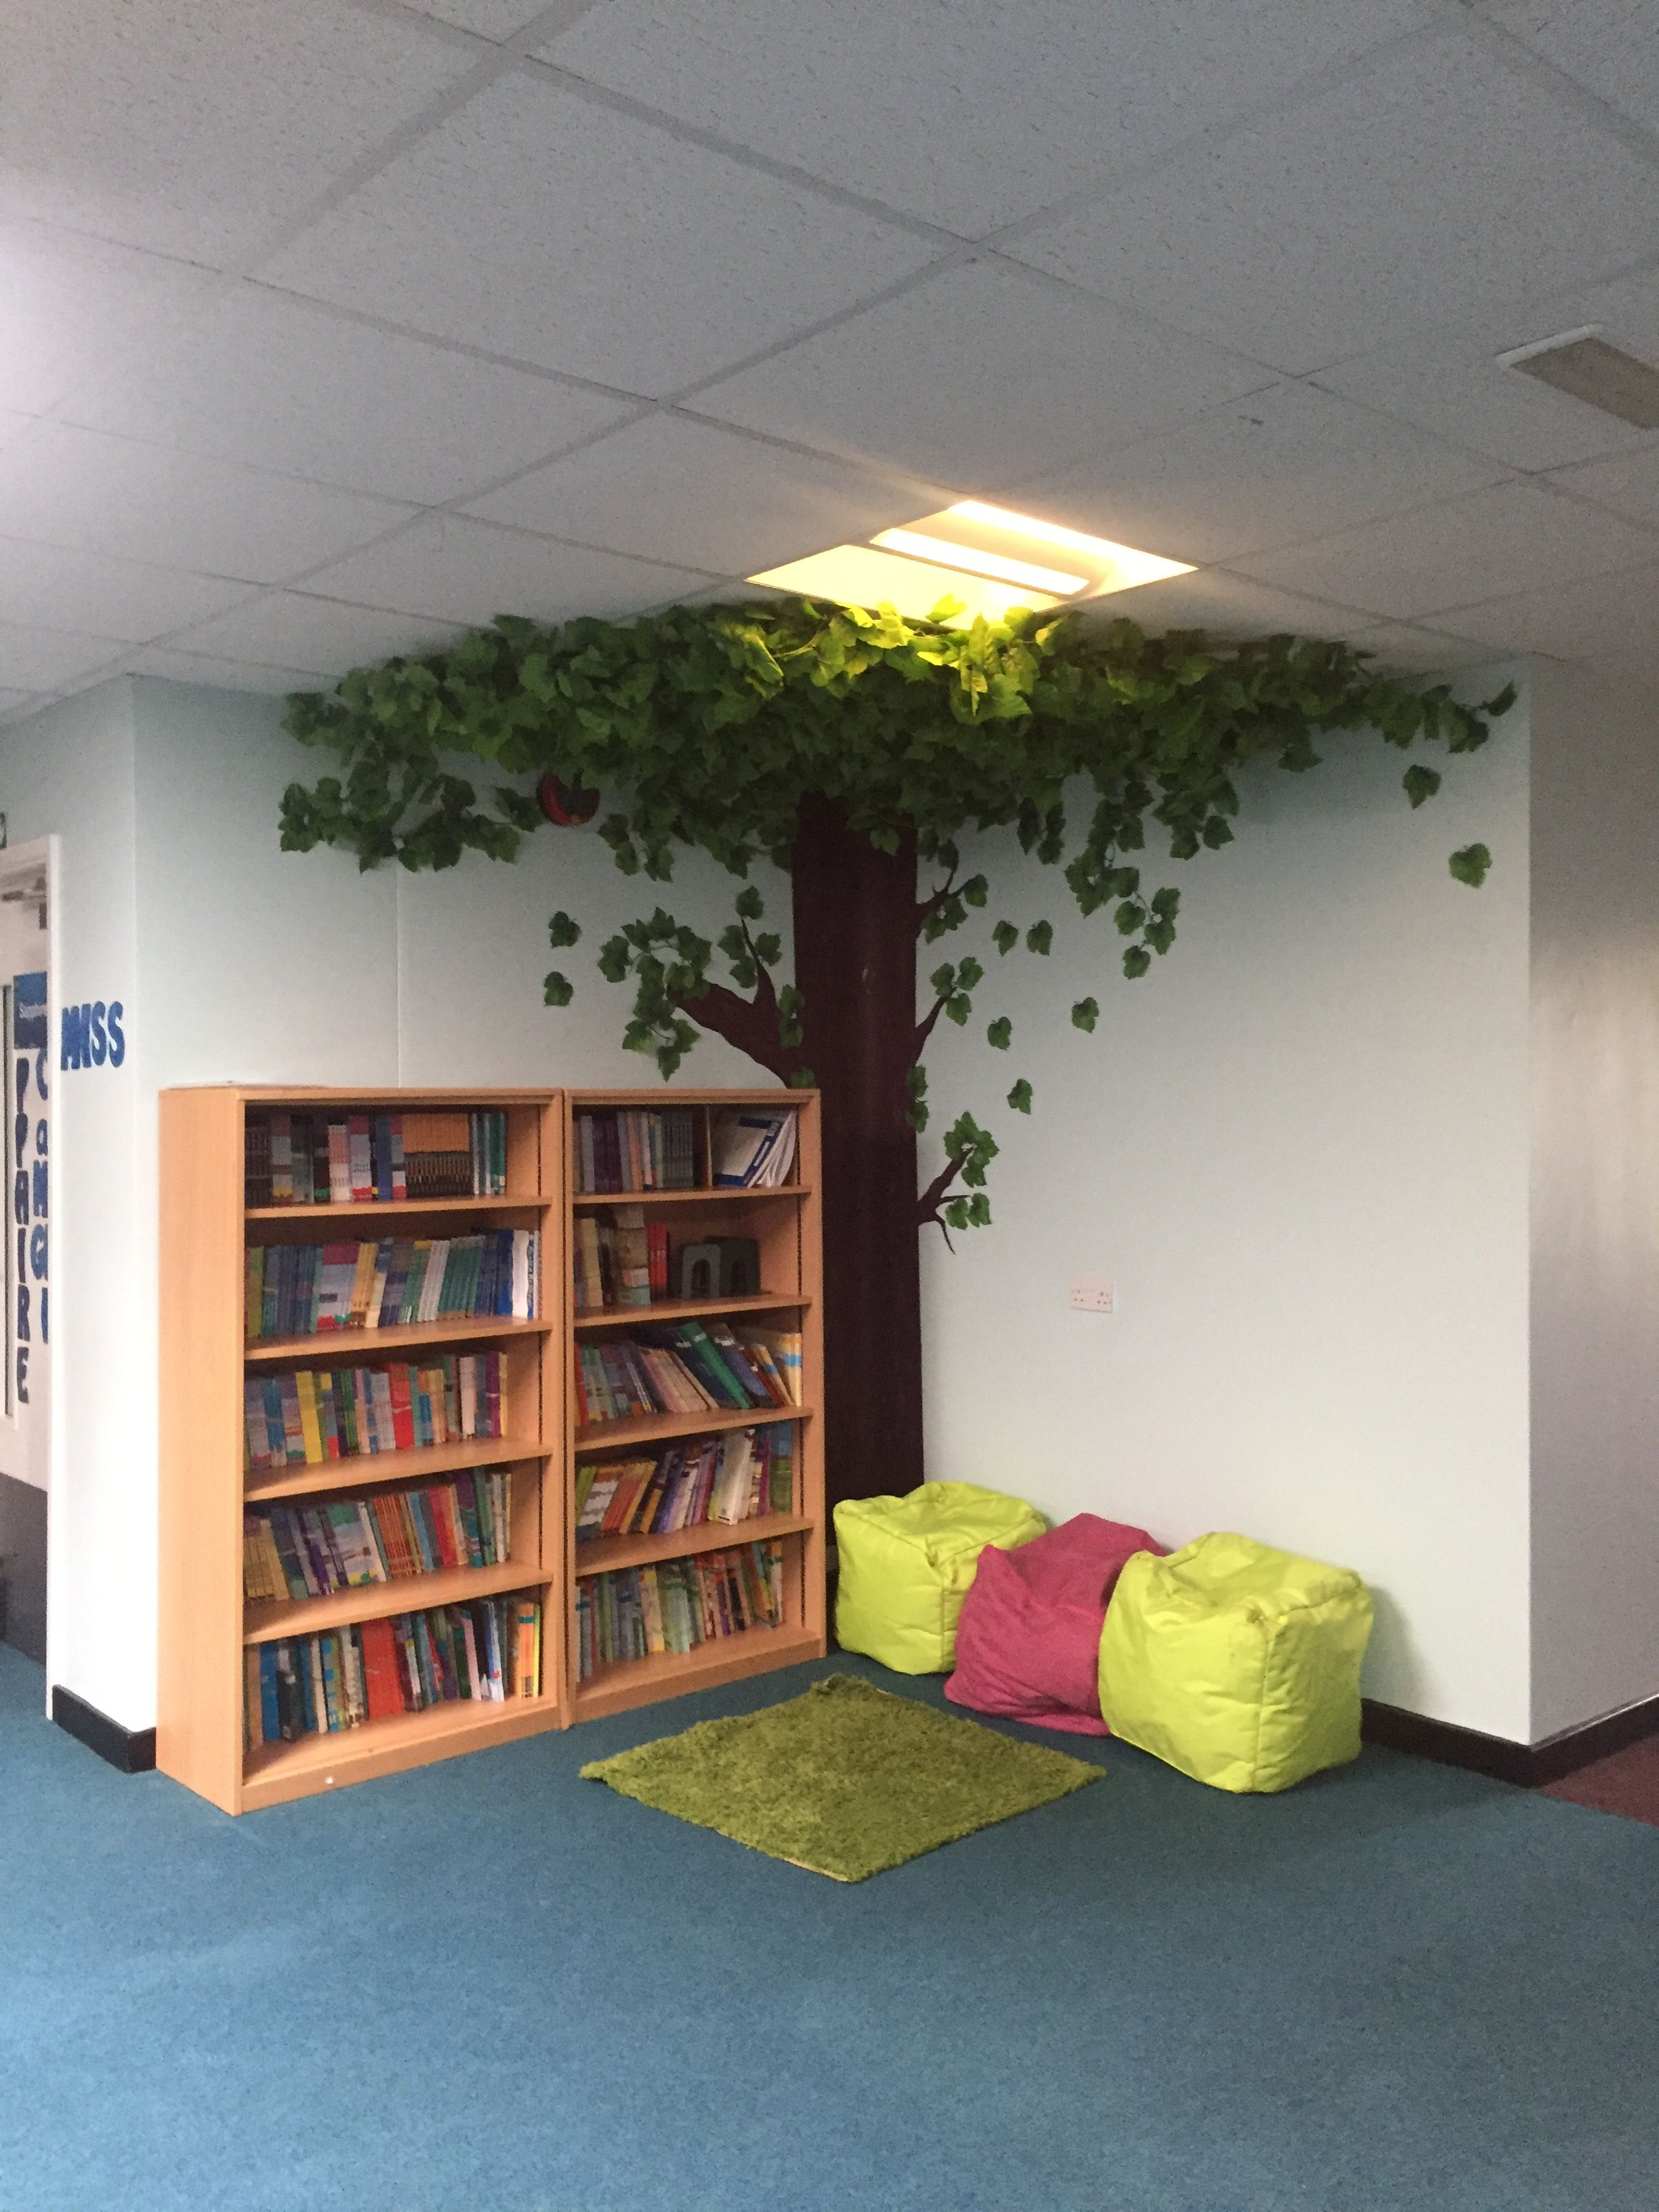 Ks2 Reading Corner Book Corner Primary School Reading Book Corner